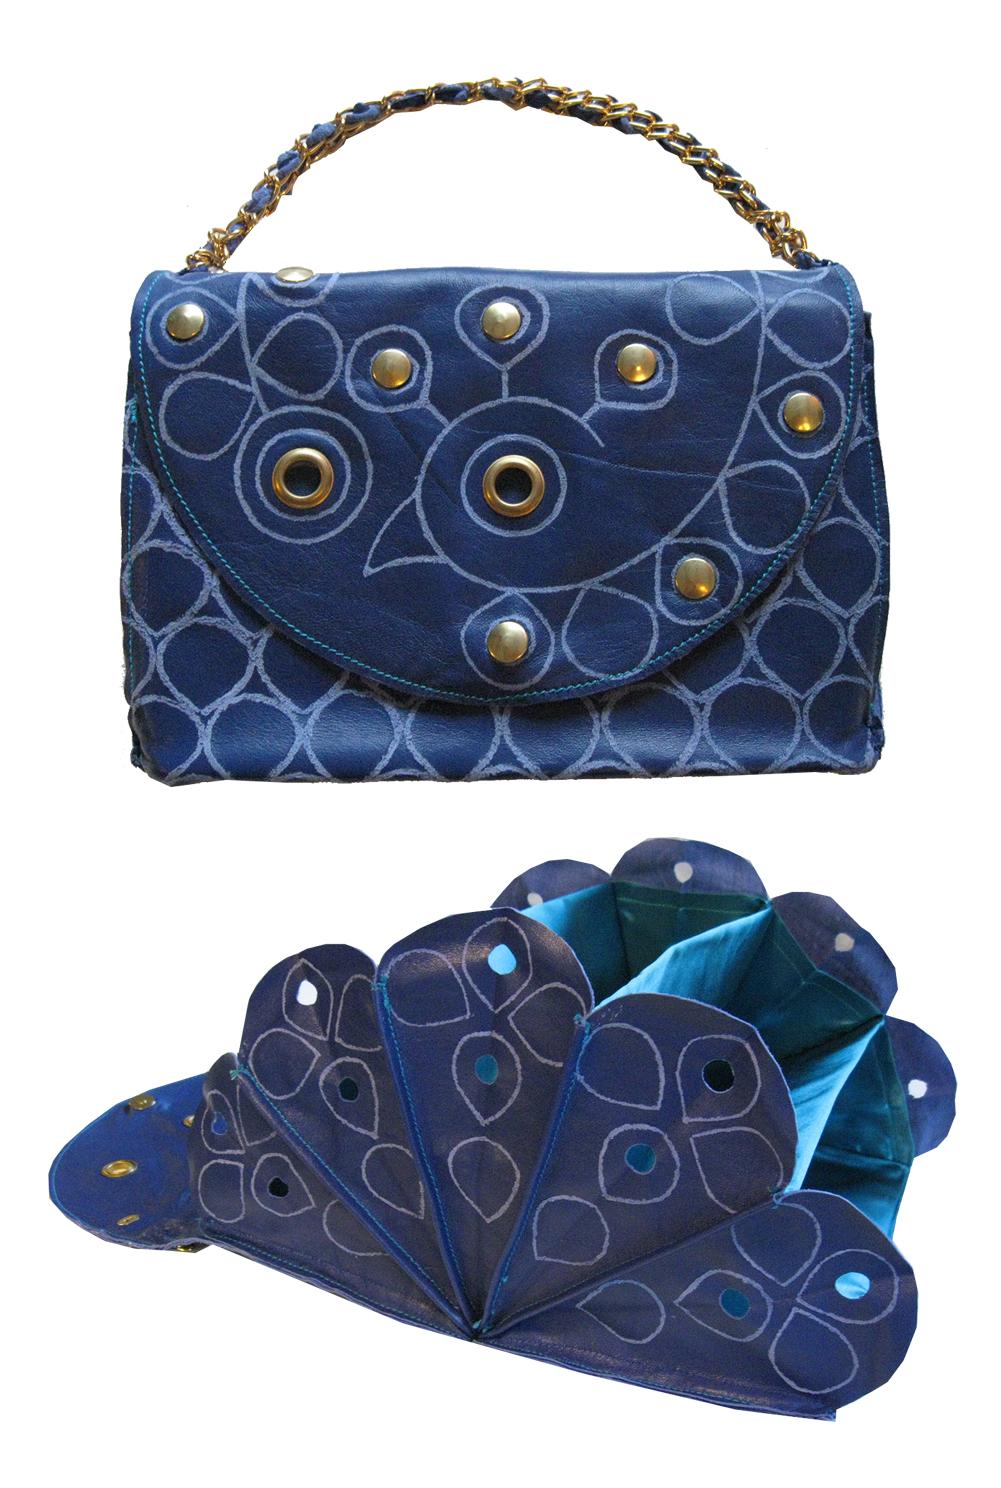 Tassen Ontwerp Wedstrijd : Mvdgouw ontwerpwedstrijd pracht en praal pauwer bag